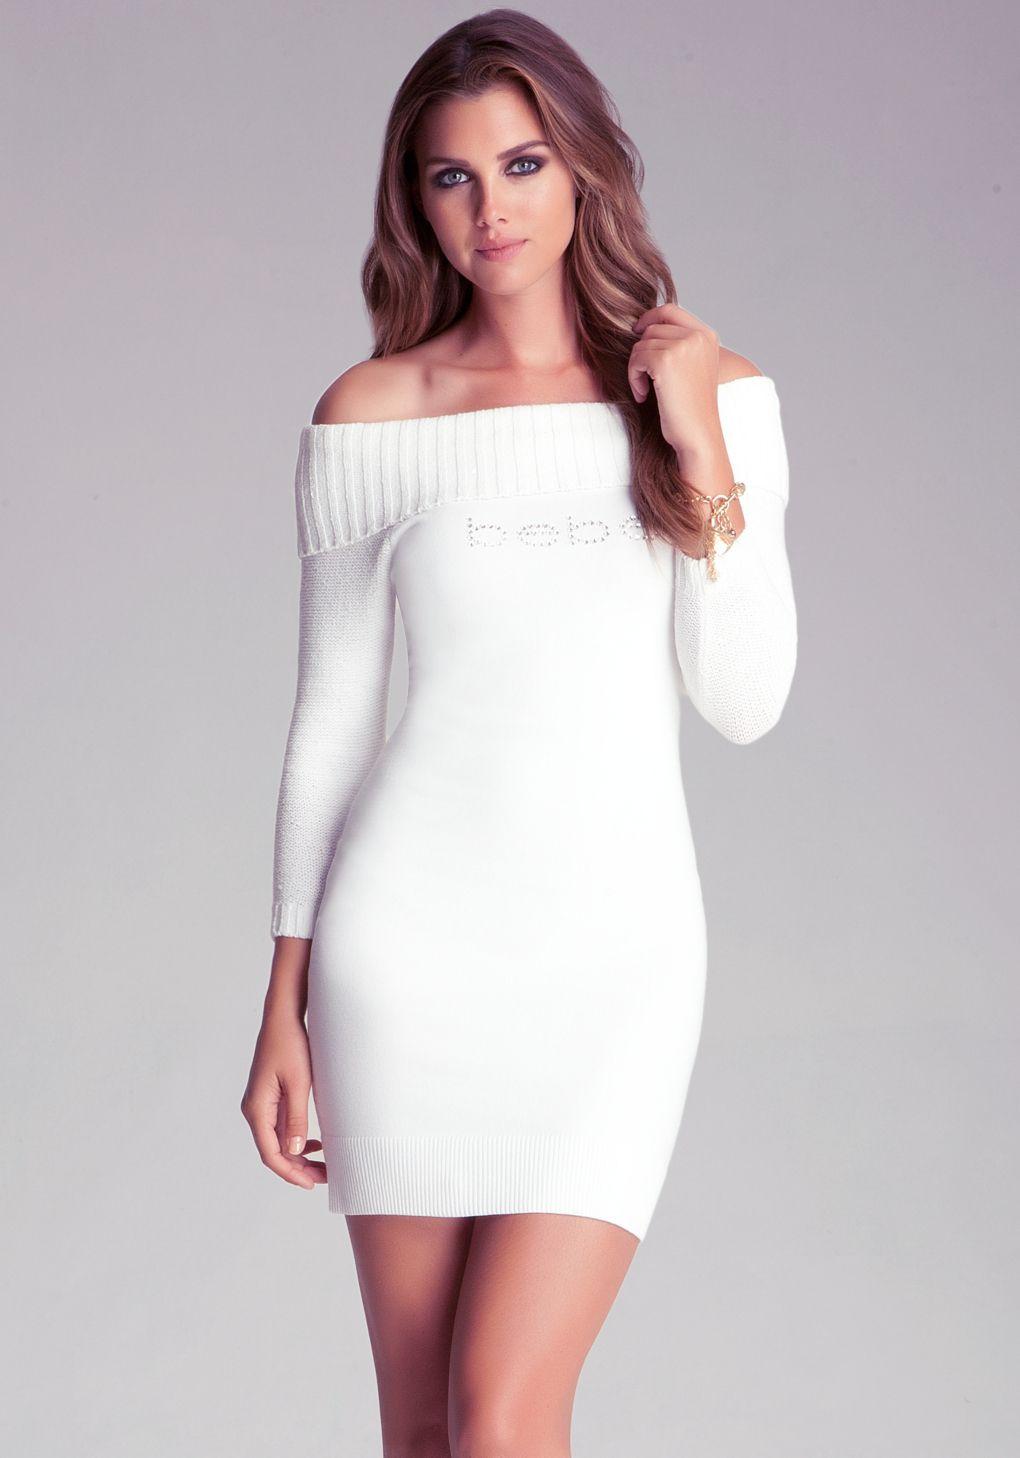 Bebe - White Off Shoulder Sweater Dress | babyshower style ...